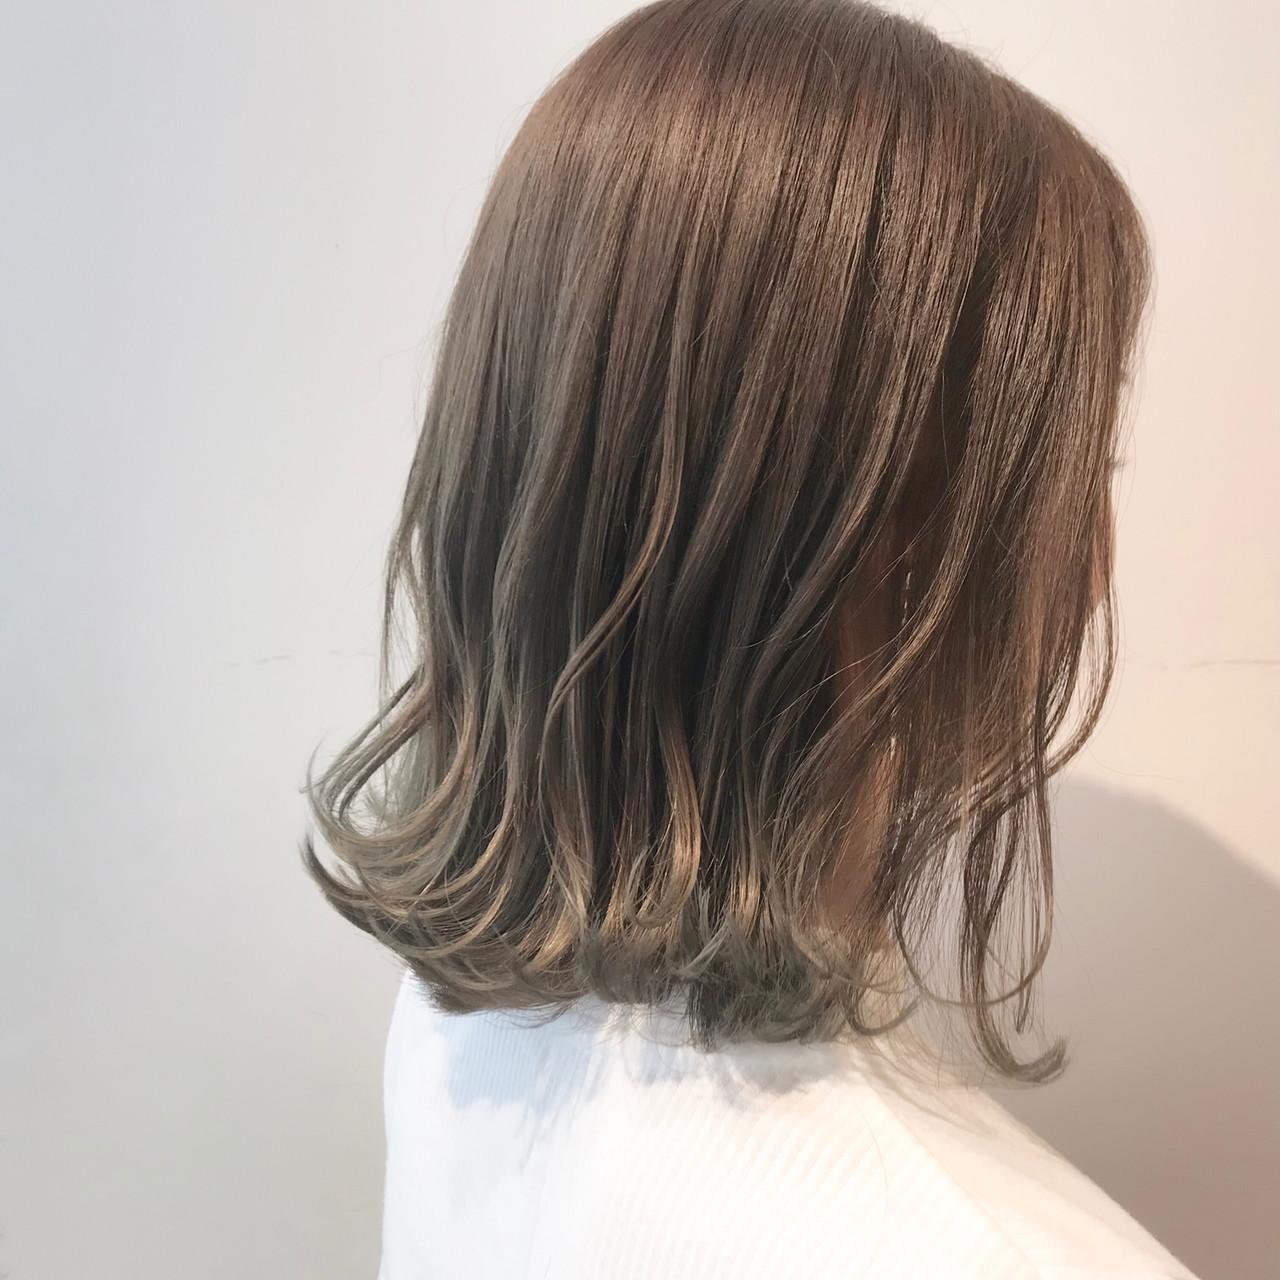 透明感カラー ボブ ナチュラル 切りっぱなしボブ ヘアスタイルや髪型の写真・画像 | 村西 郁人 / rue